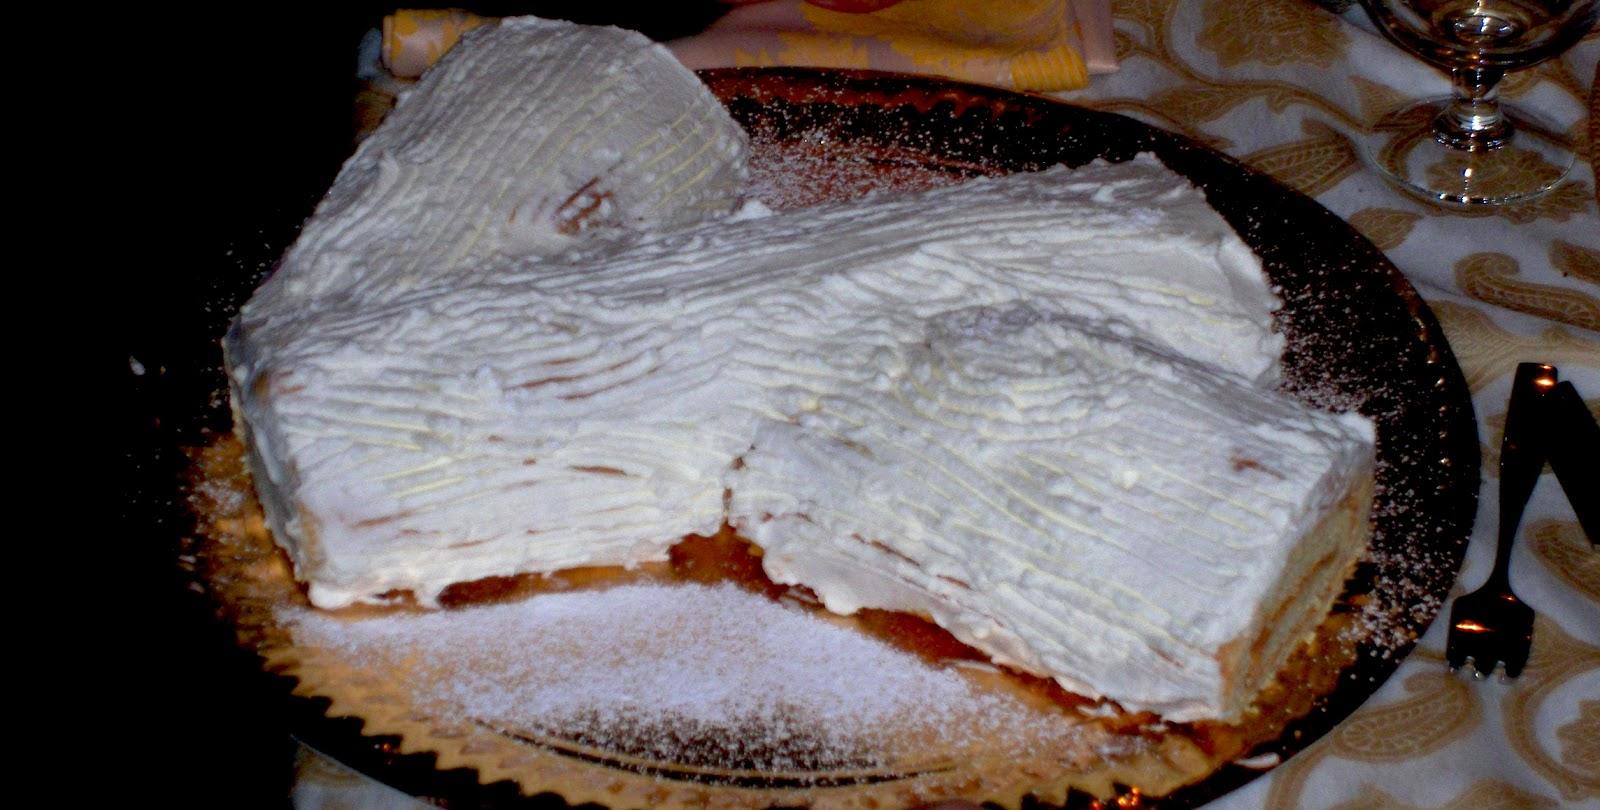 Tronchetto Bianco Di Natale.Tronchetto Bianco Di Natale